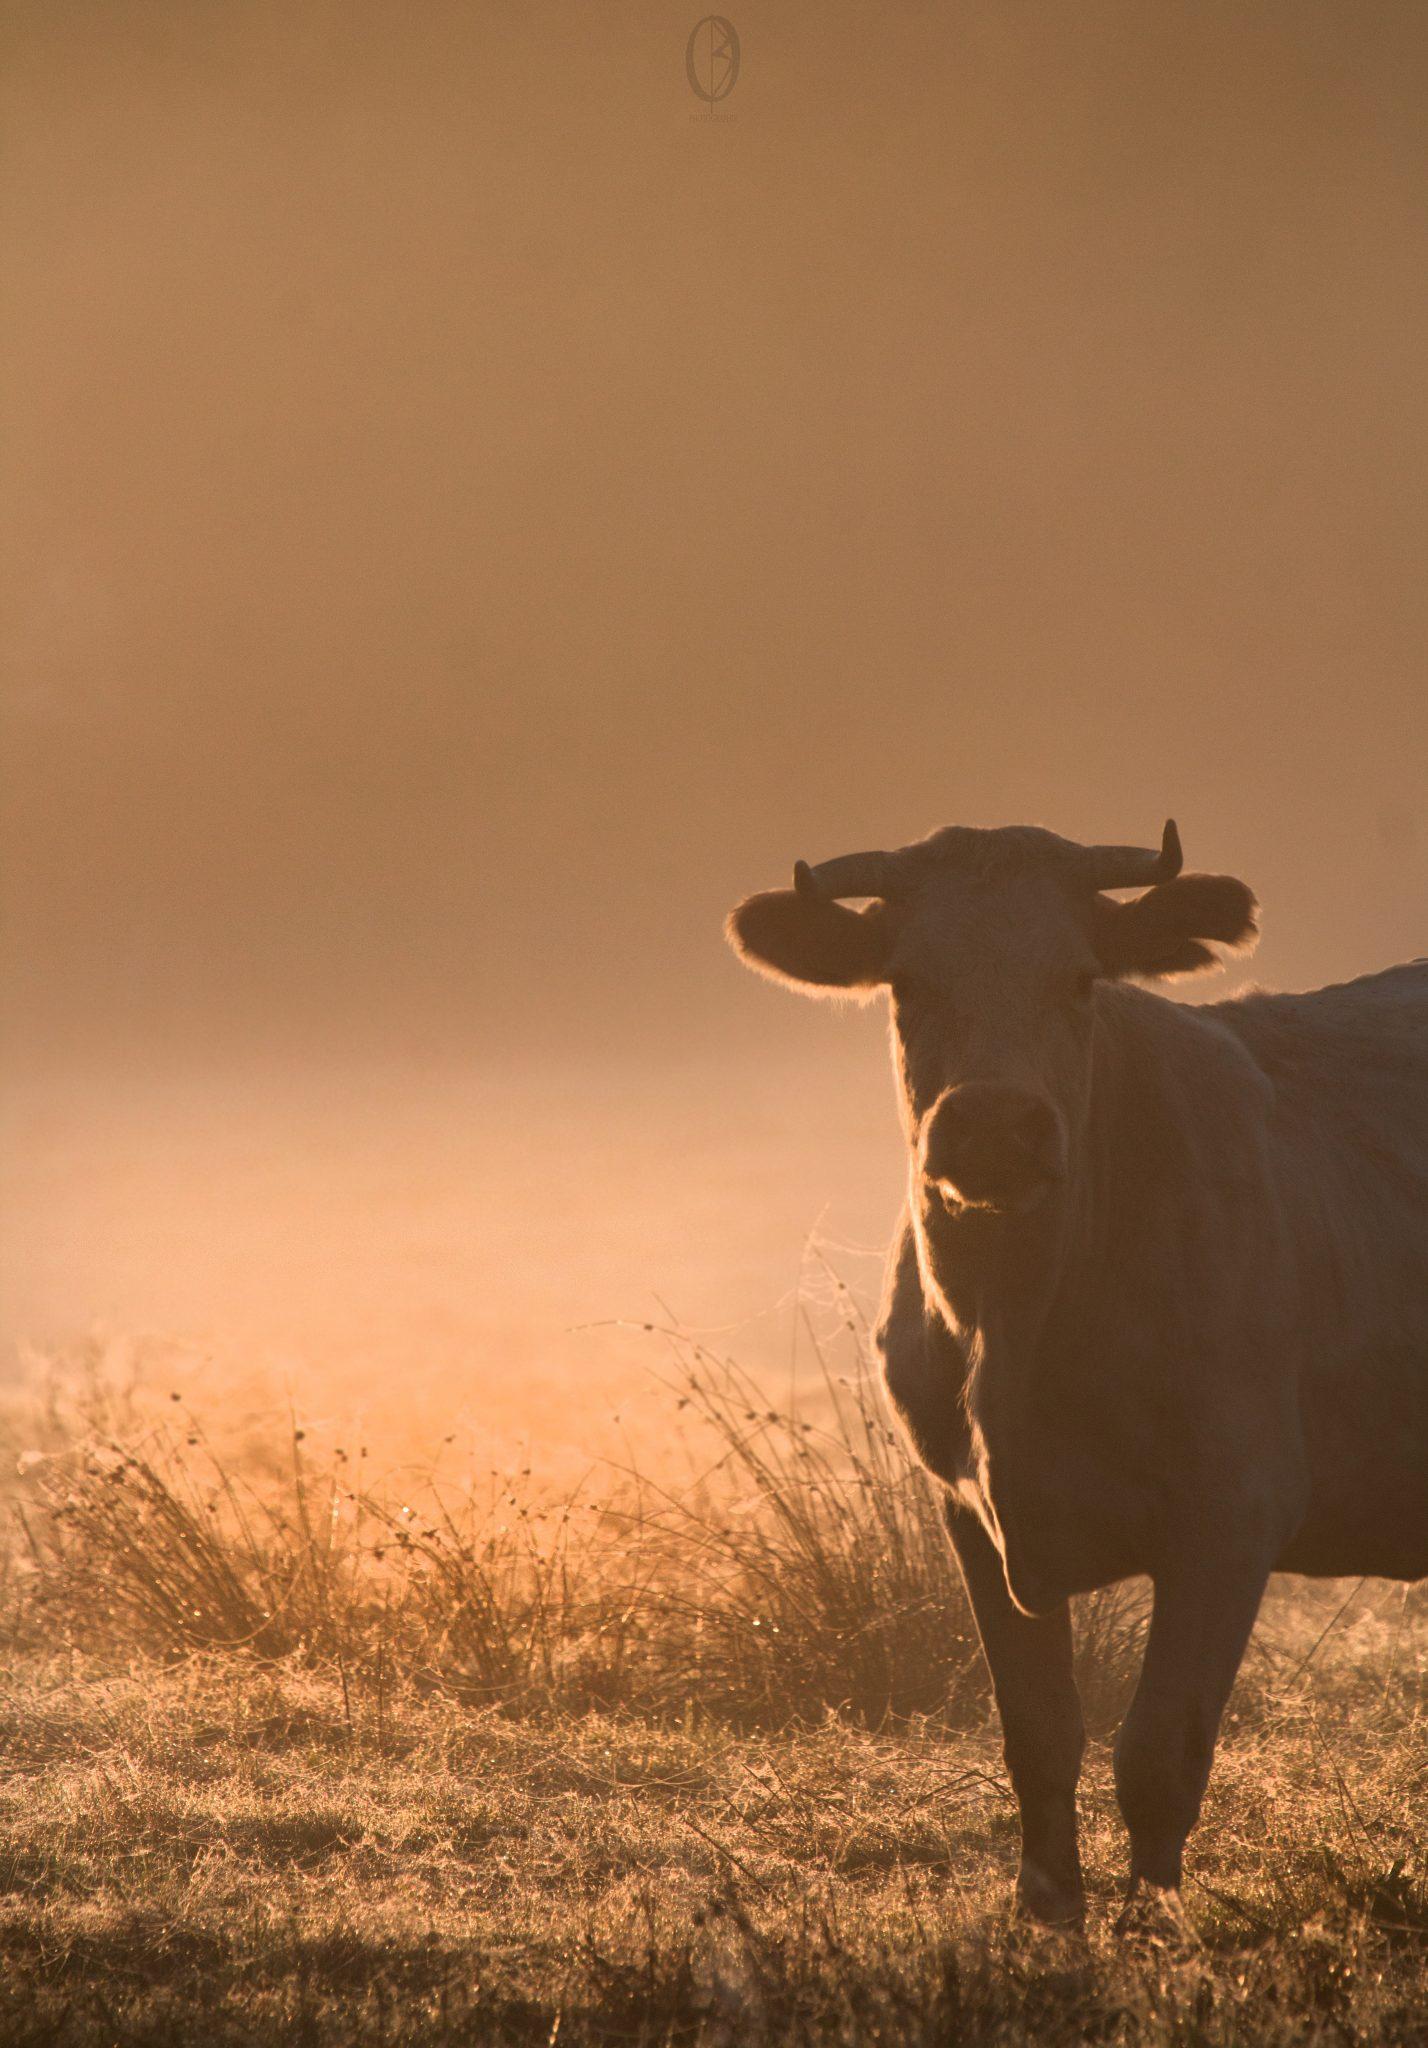 Animaux - Vache solitaire lever de soleil 151017 copie